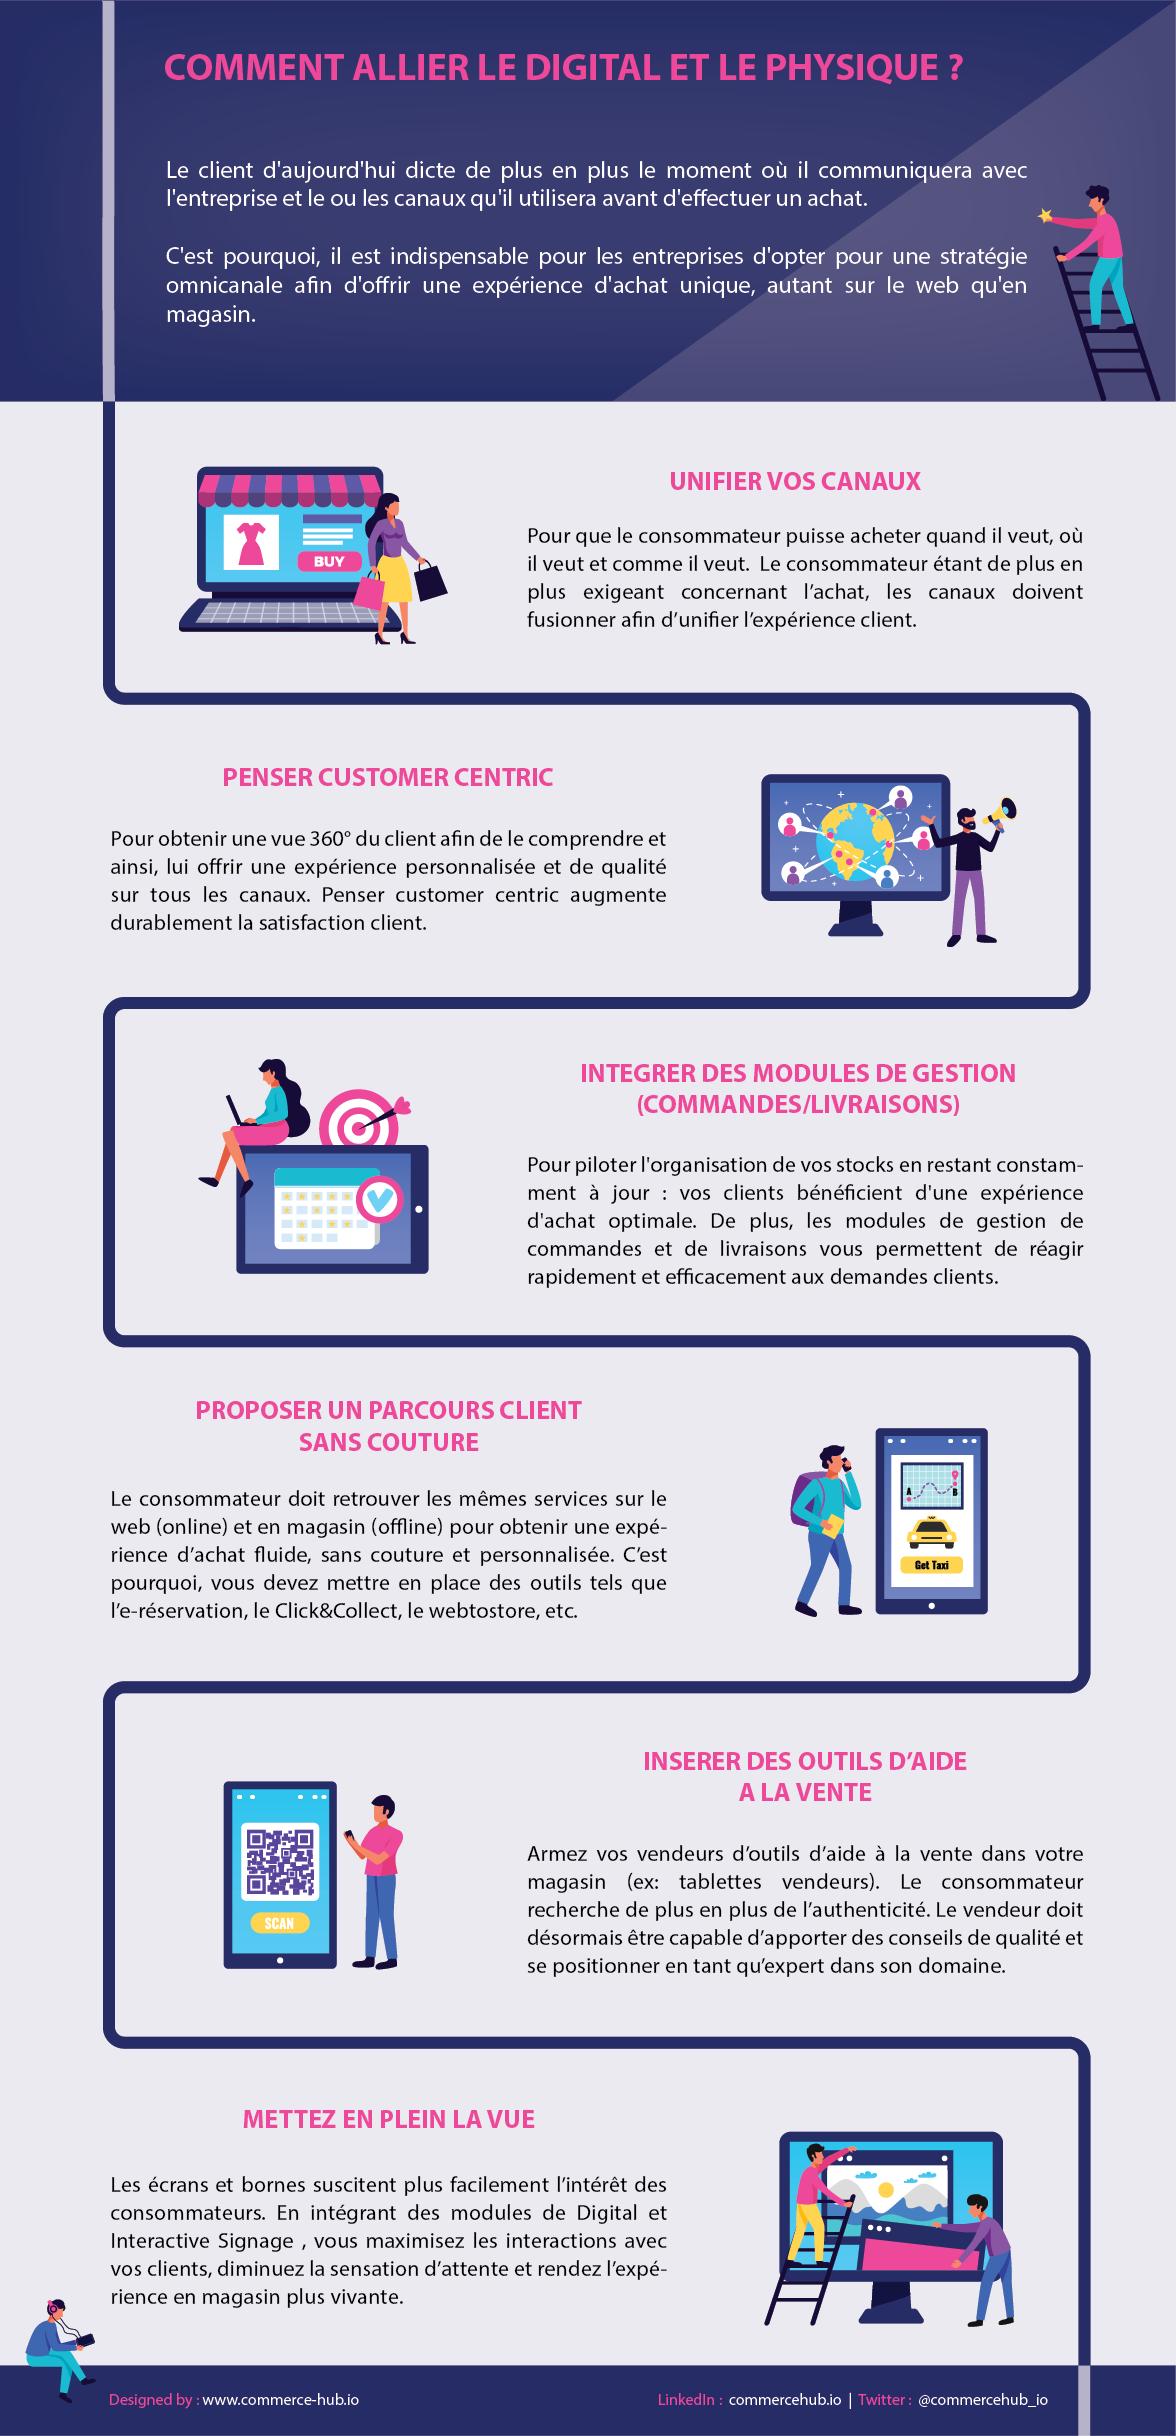 Infographie : comment allier le digital et le physique